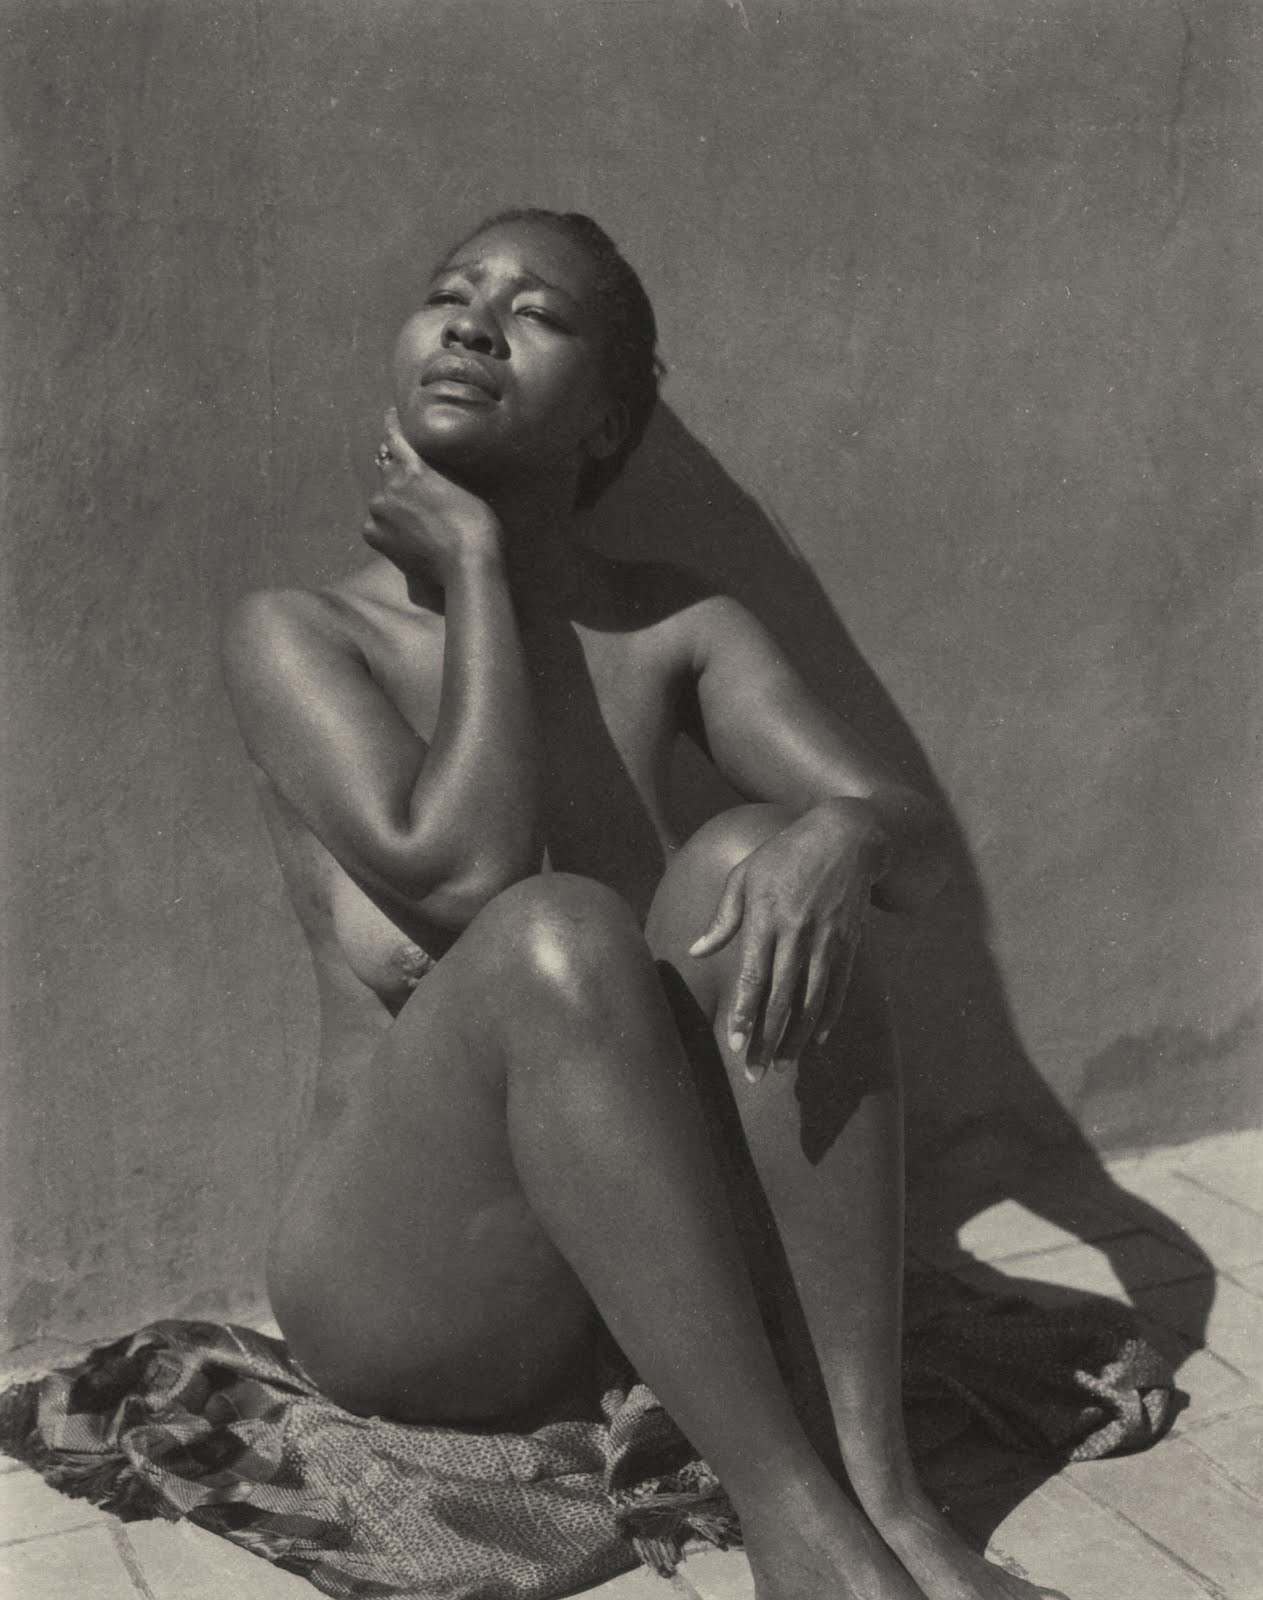 manuel alvarez bravo black mirror 1947